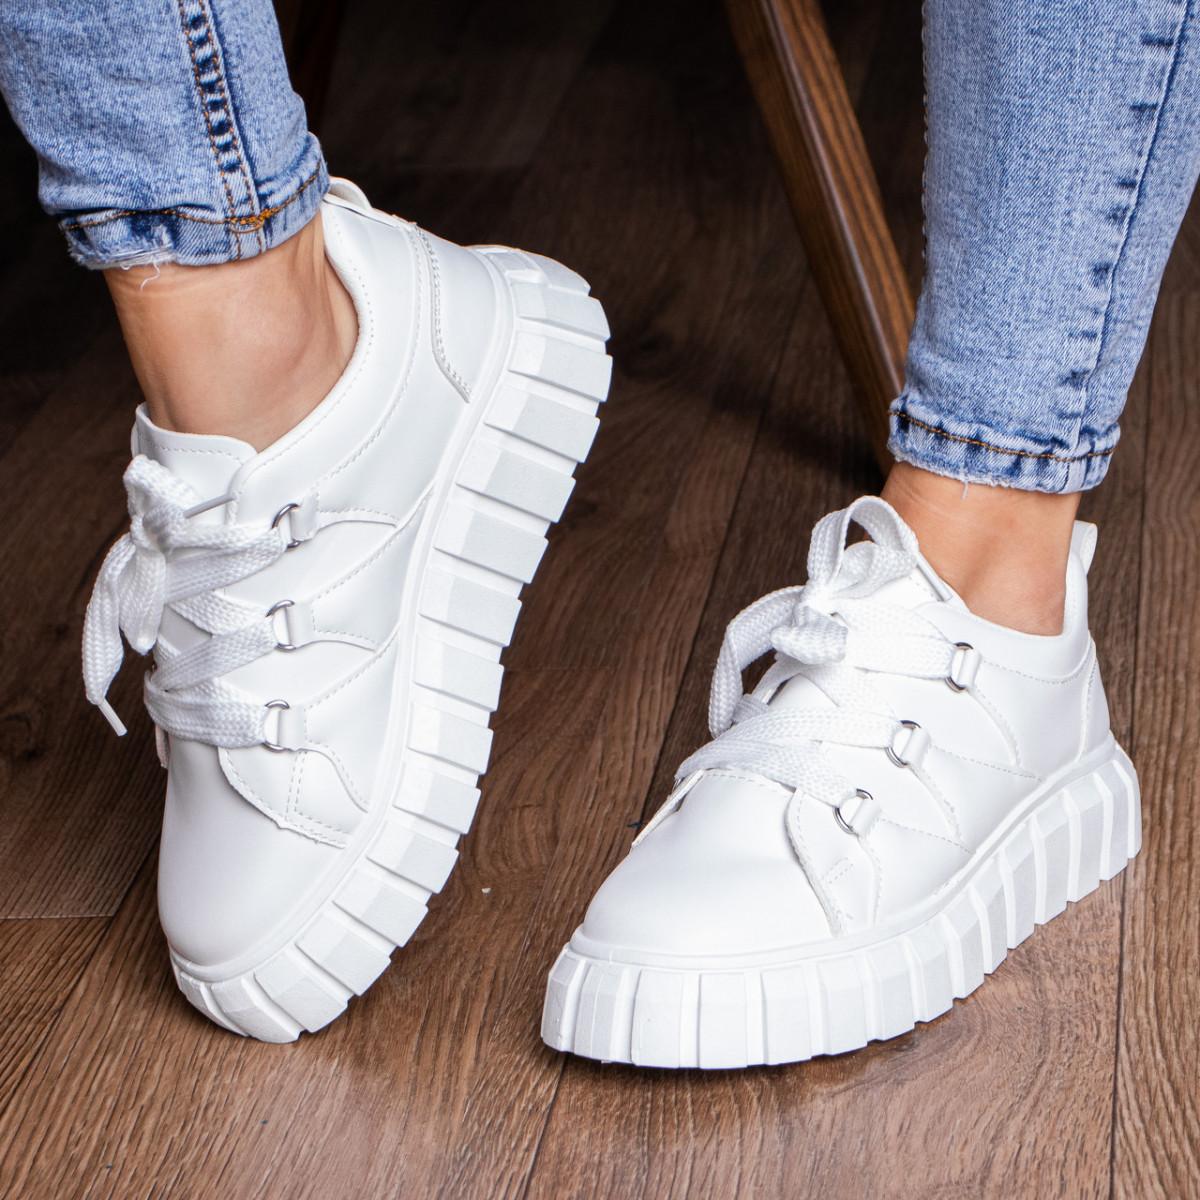 Кросівки жіночі Fashion Wizard 3127 36 розмір 23 см Білий